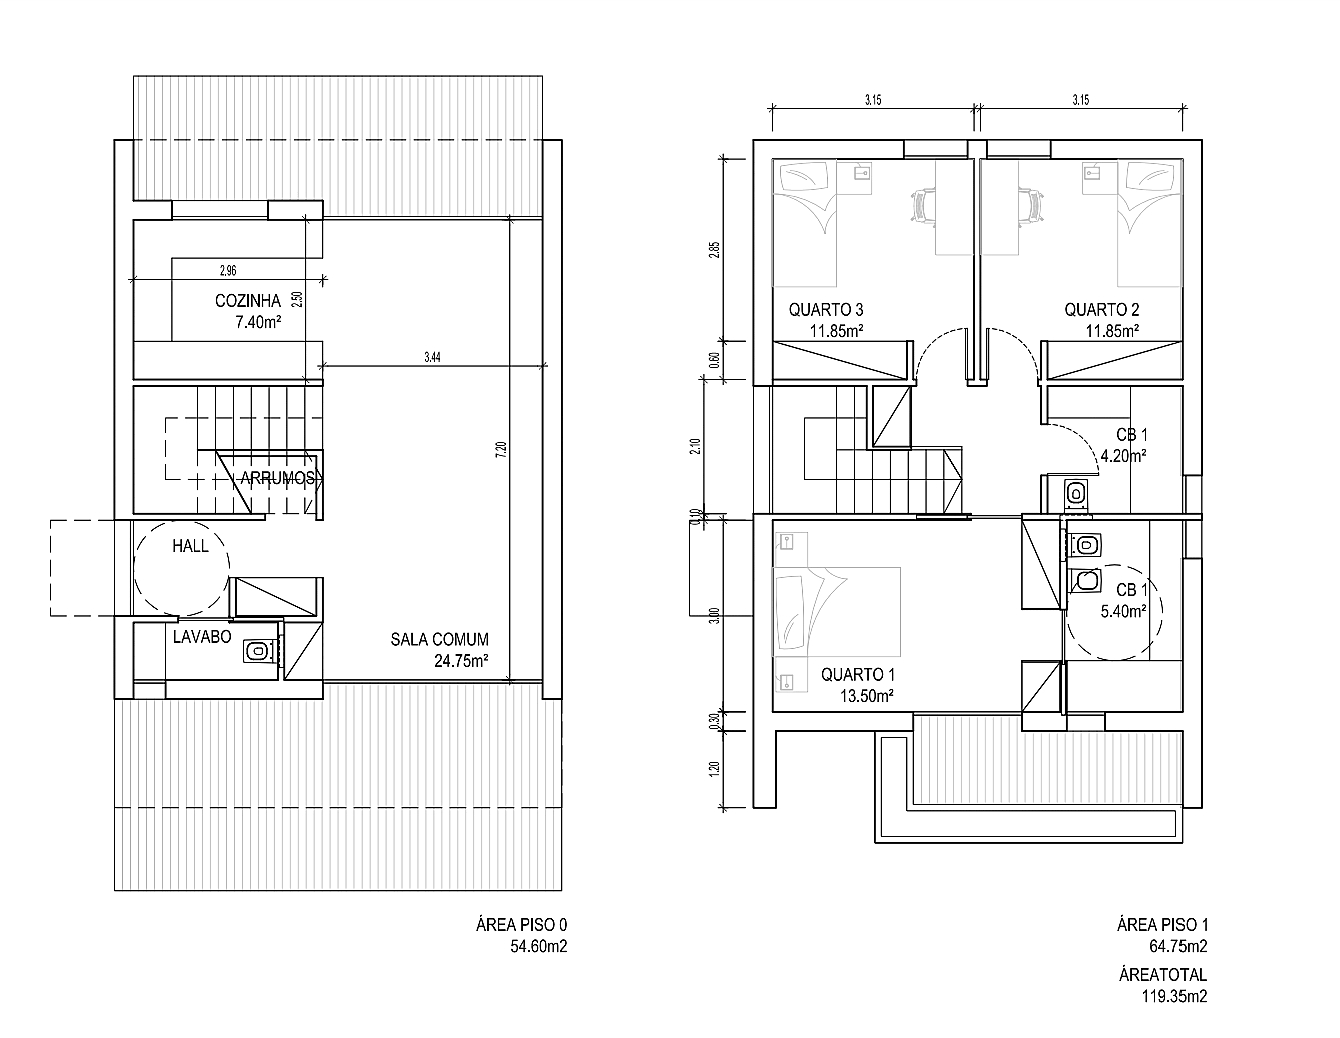 projeto de casas modulares T3 100m2 com 2 piso